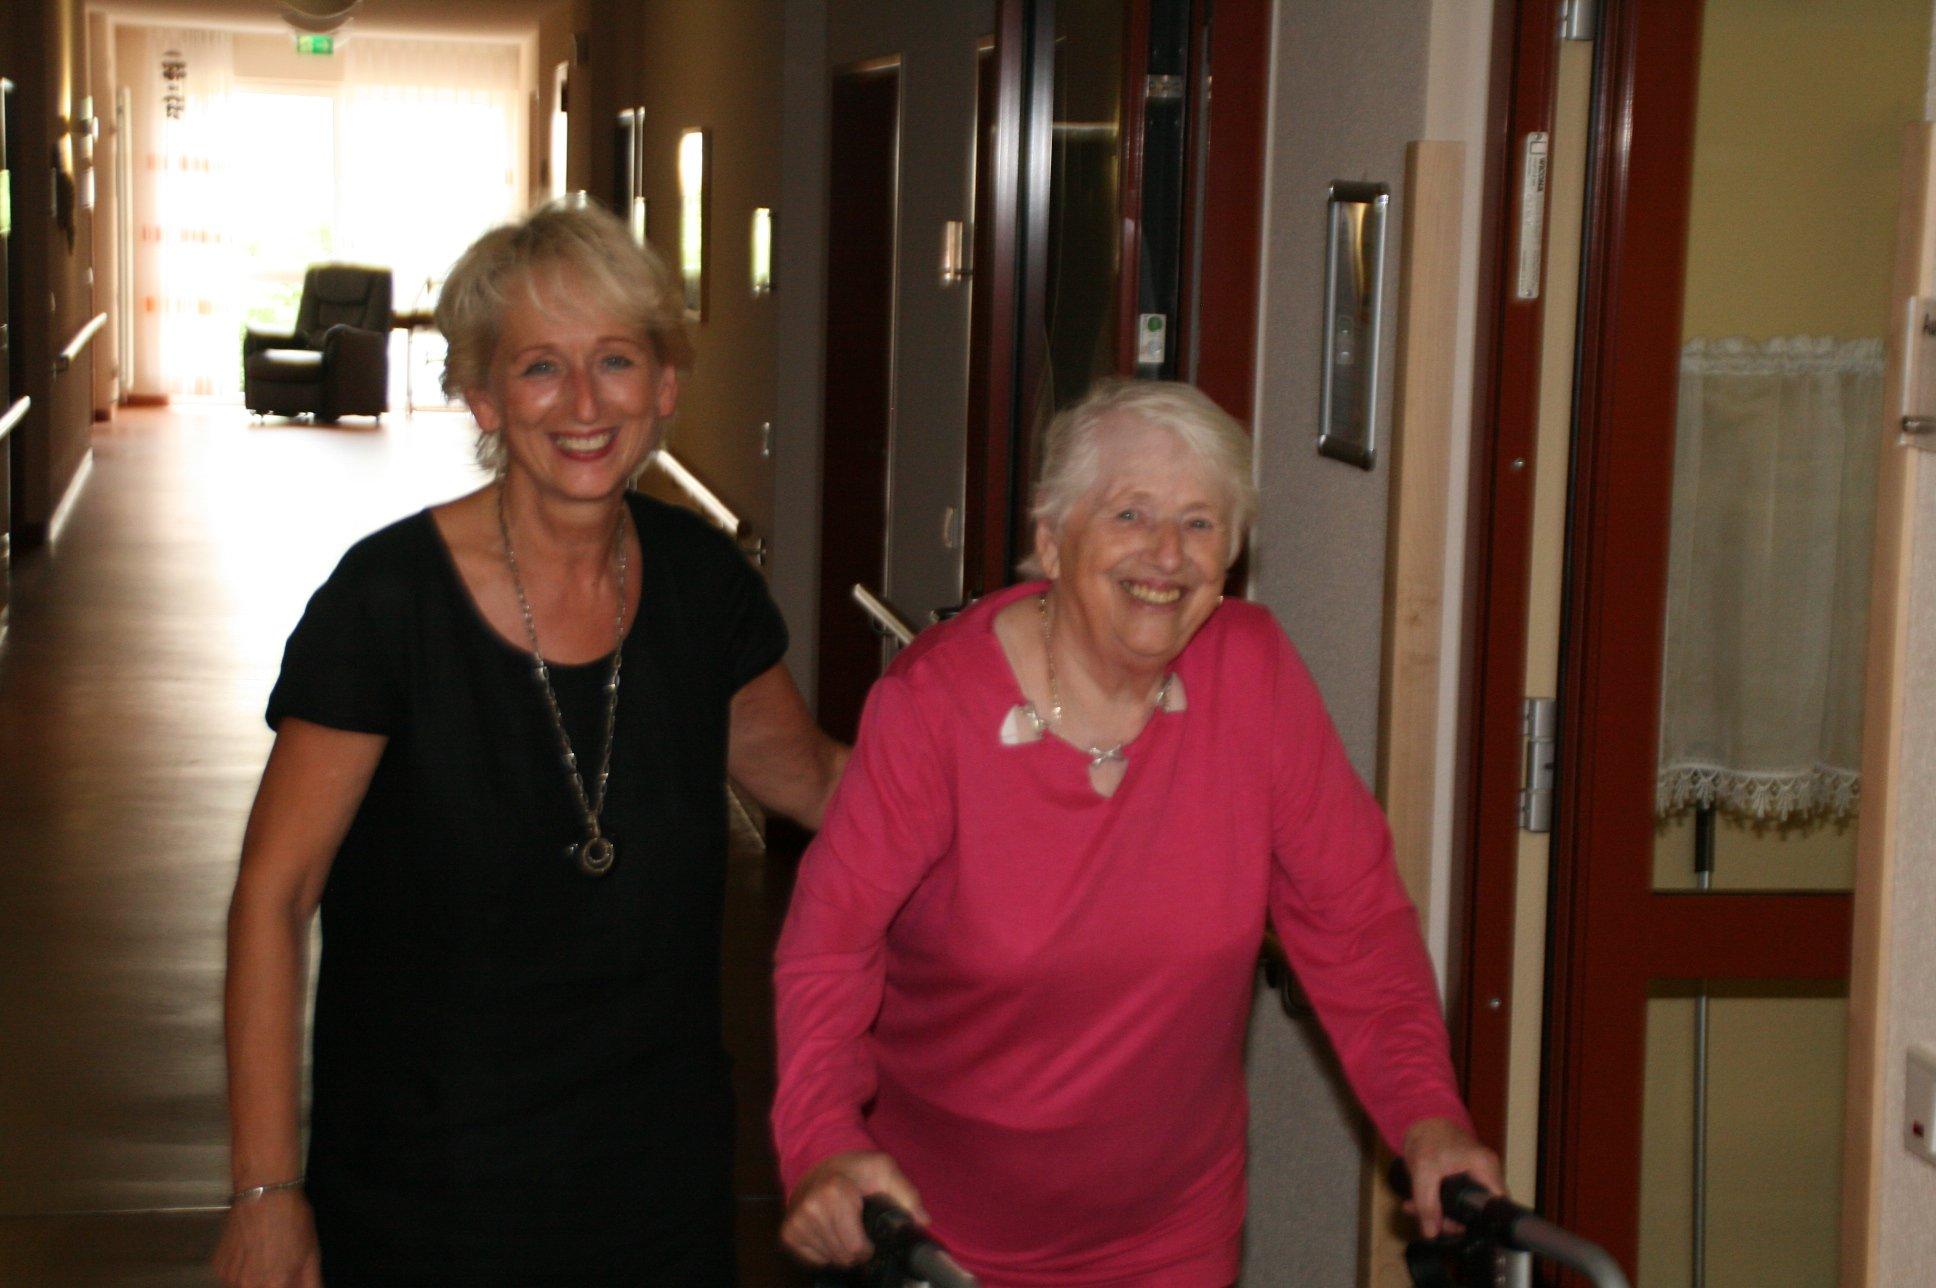 seniorenbetreuung-muenchen-lebensfreude-66-plus-gehtraining